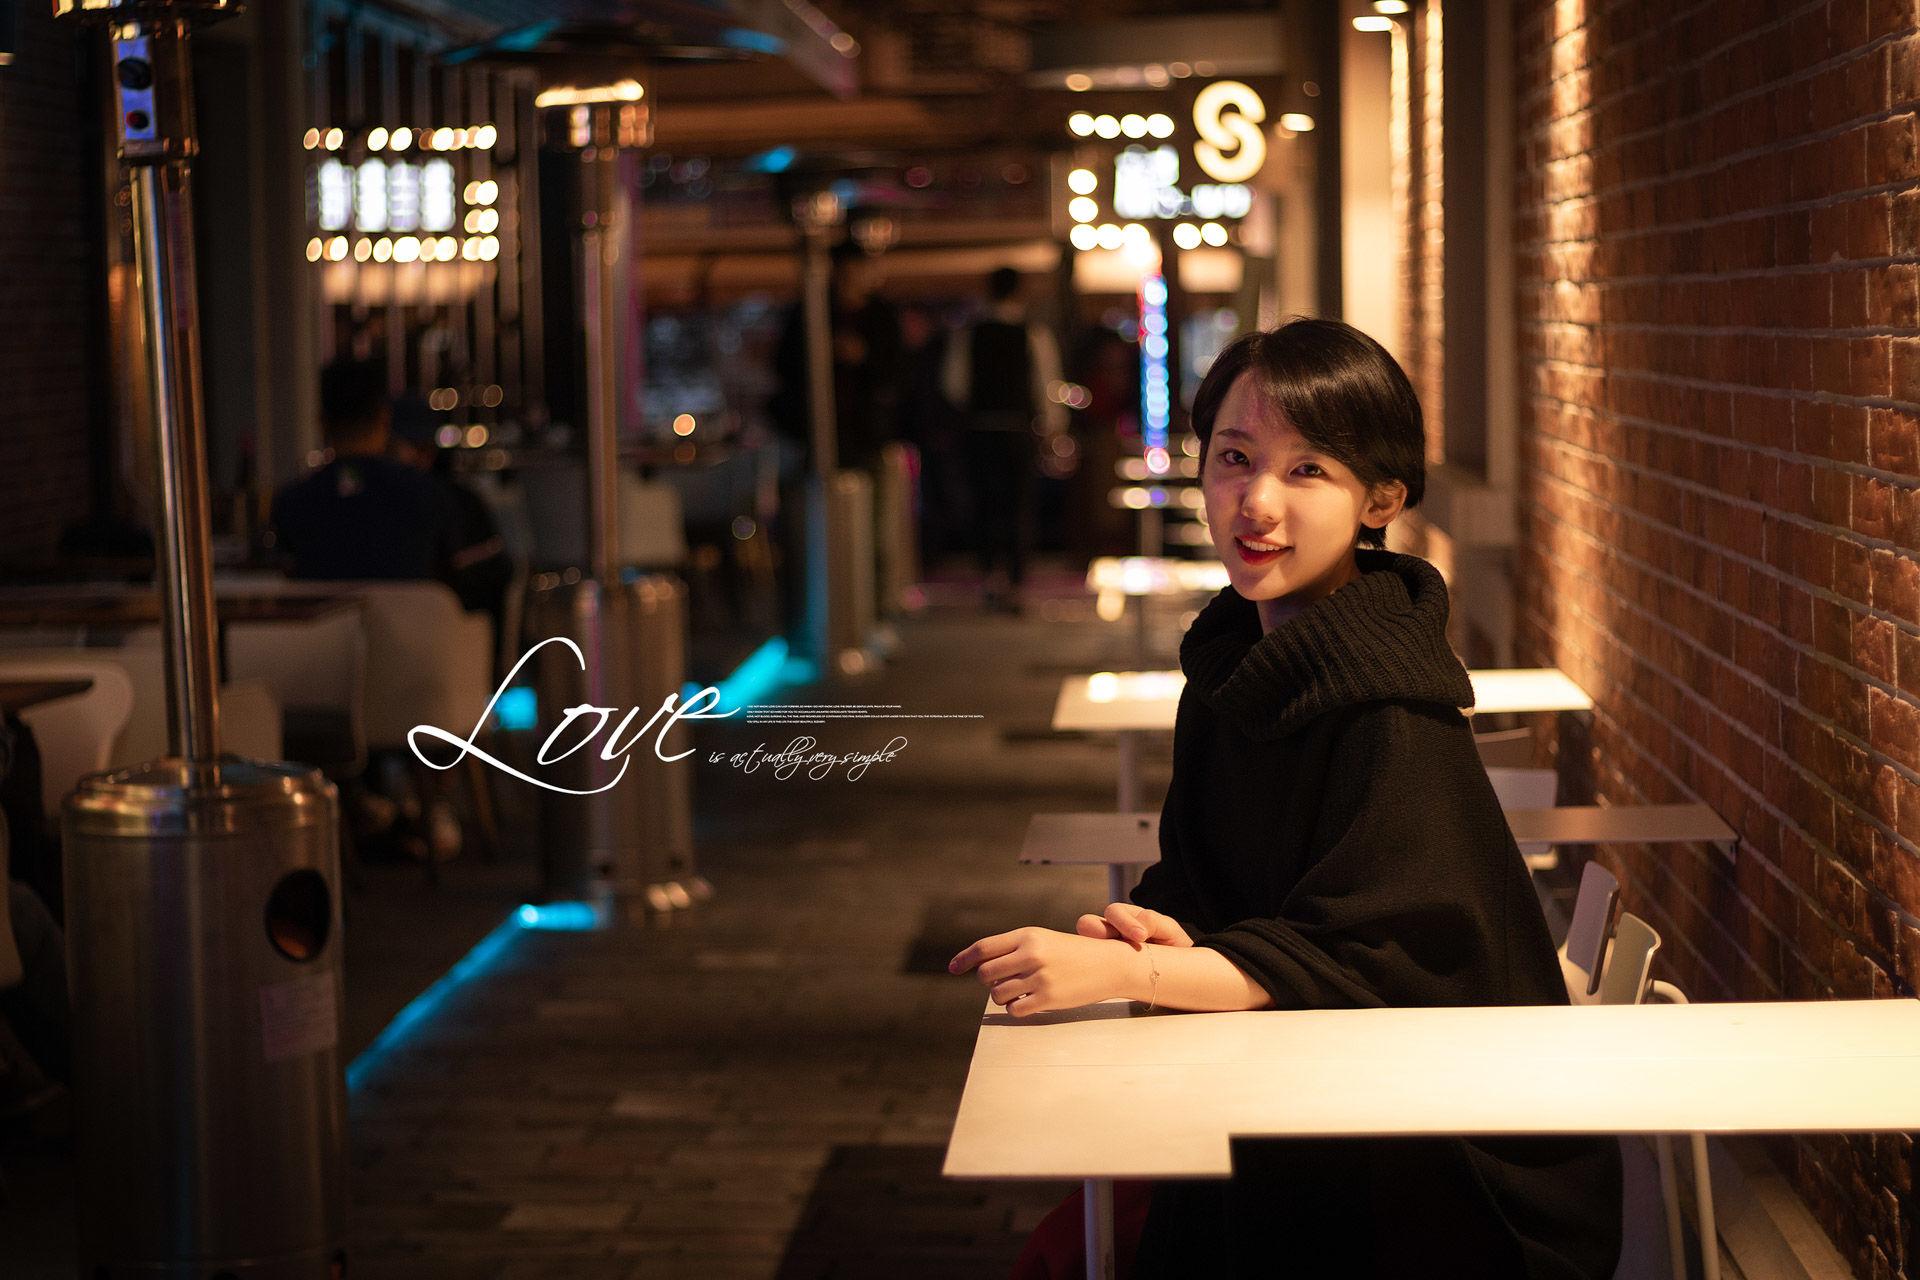 2018-11-13 南京西路夜景街拍_摄影师晦恩的返片